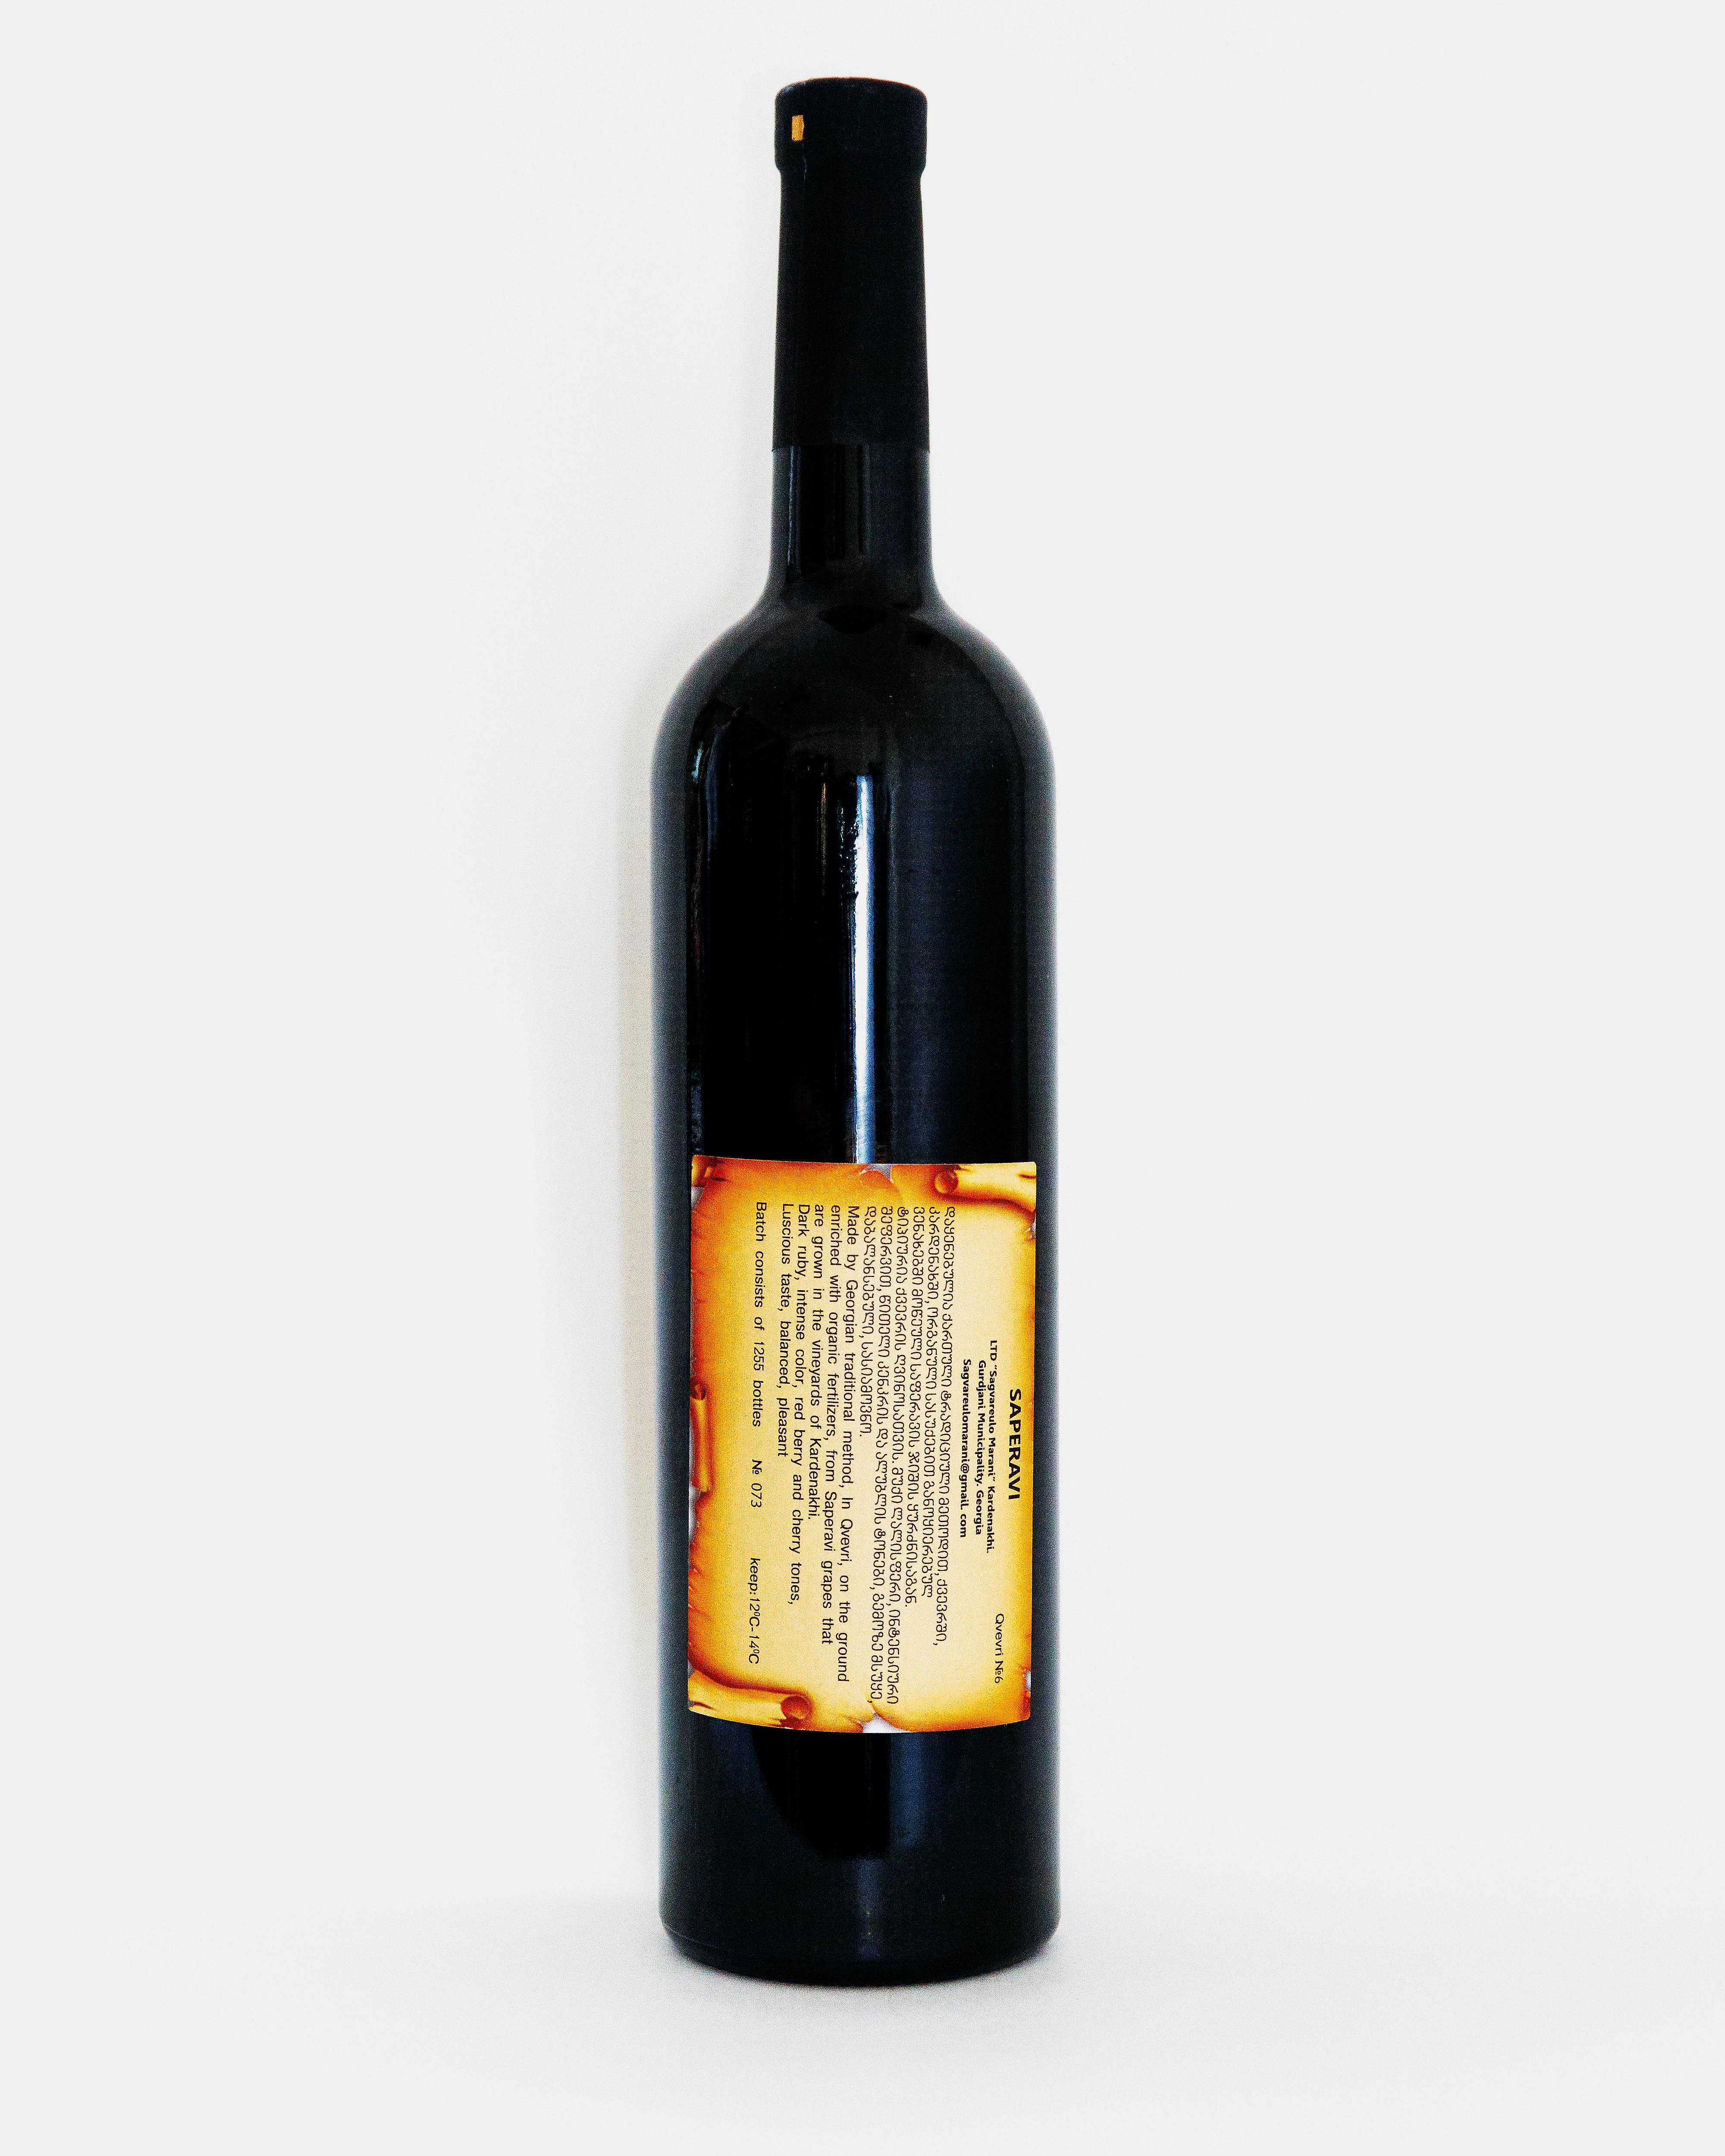 Саперави Квеври (2016) от Сагварело